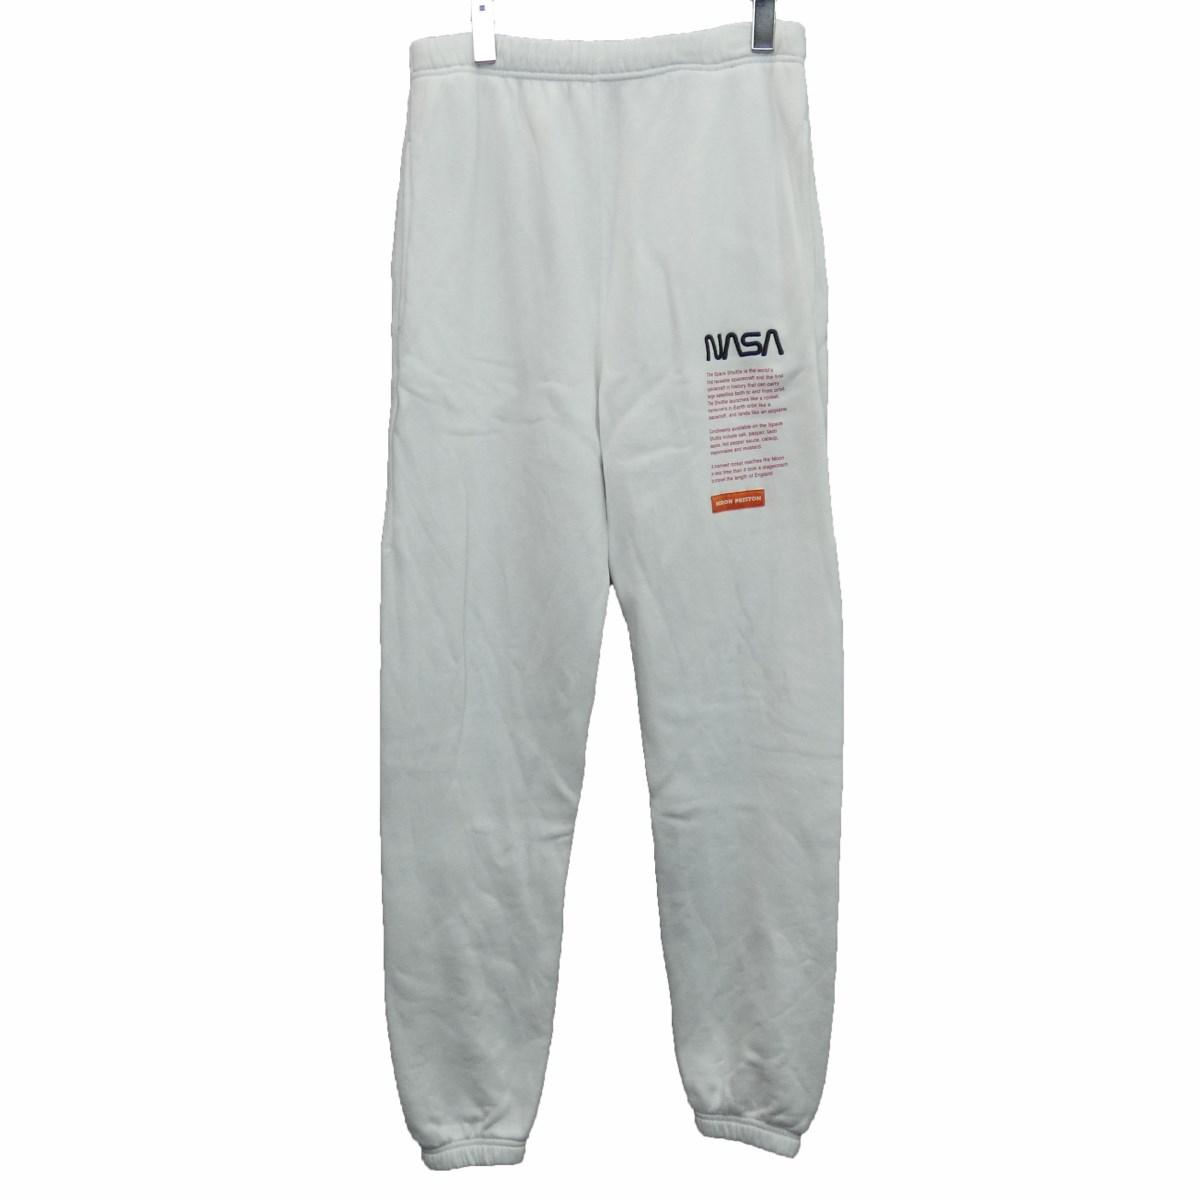 メンズファッション, ズボン・パンツ HERON PRESTON19AWNASA SLIM SWEAT PANTS FACTS M 511